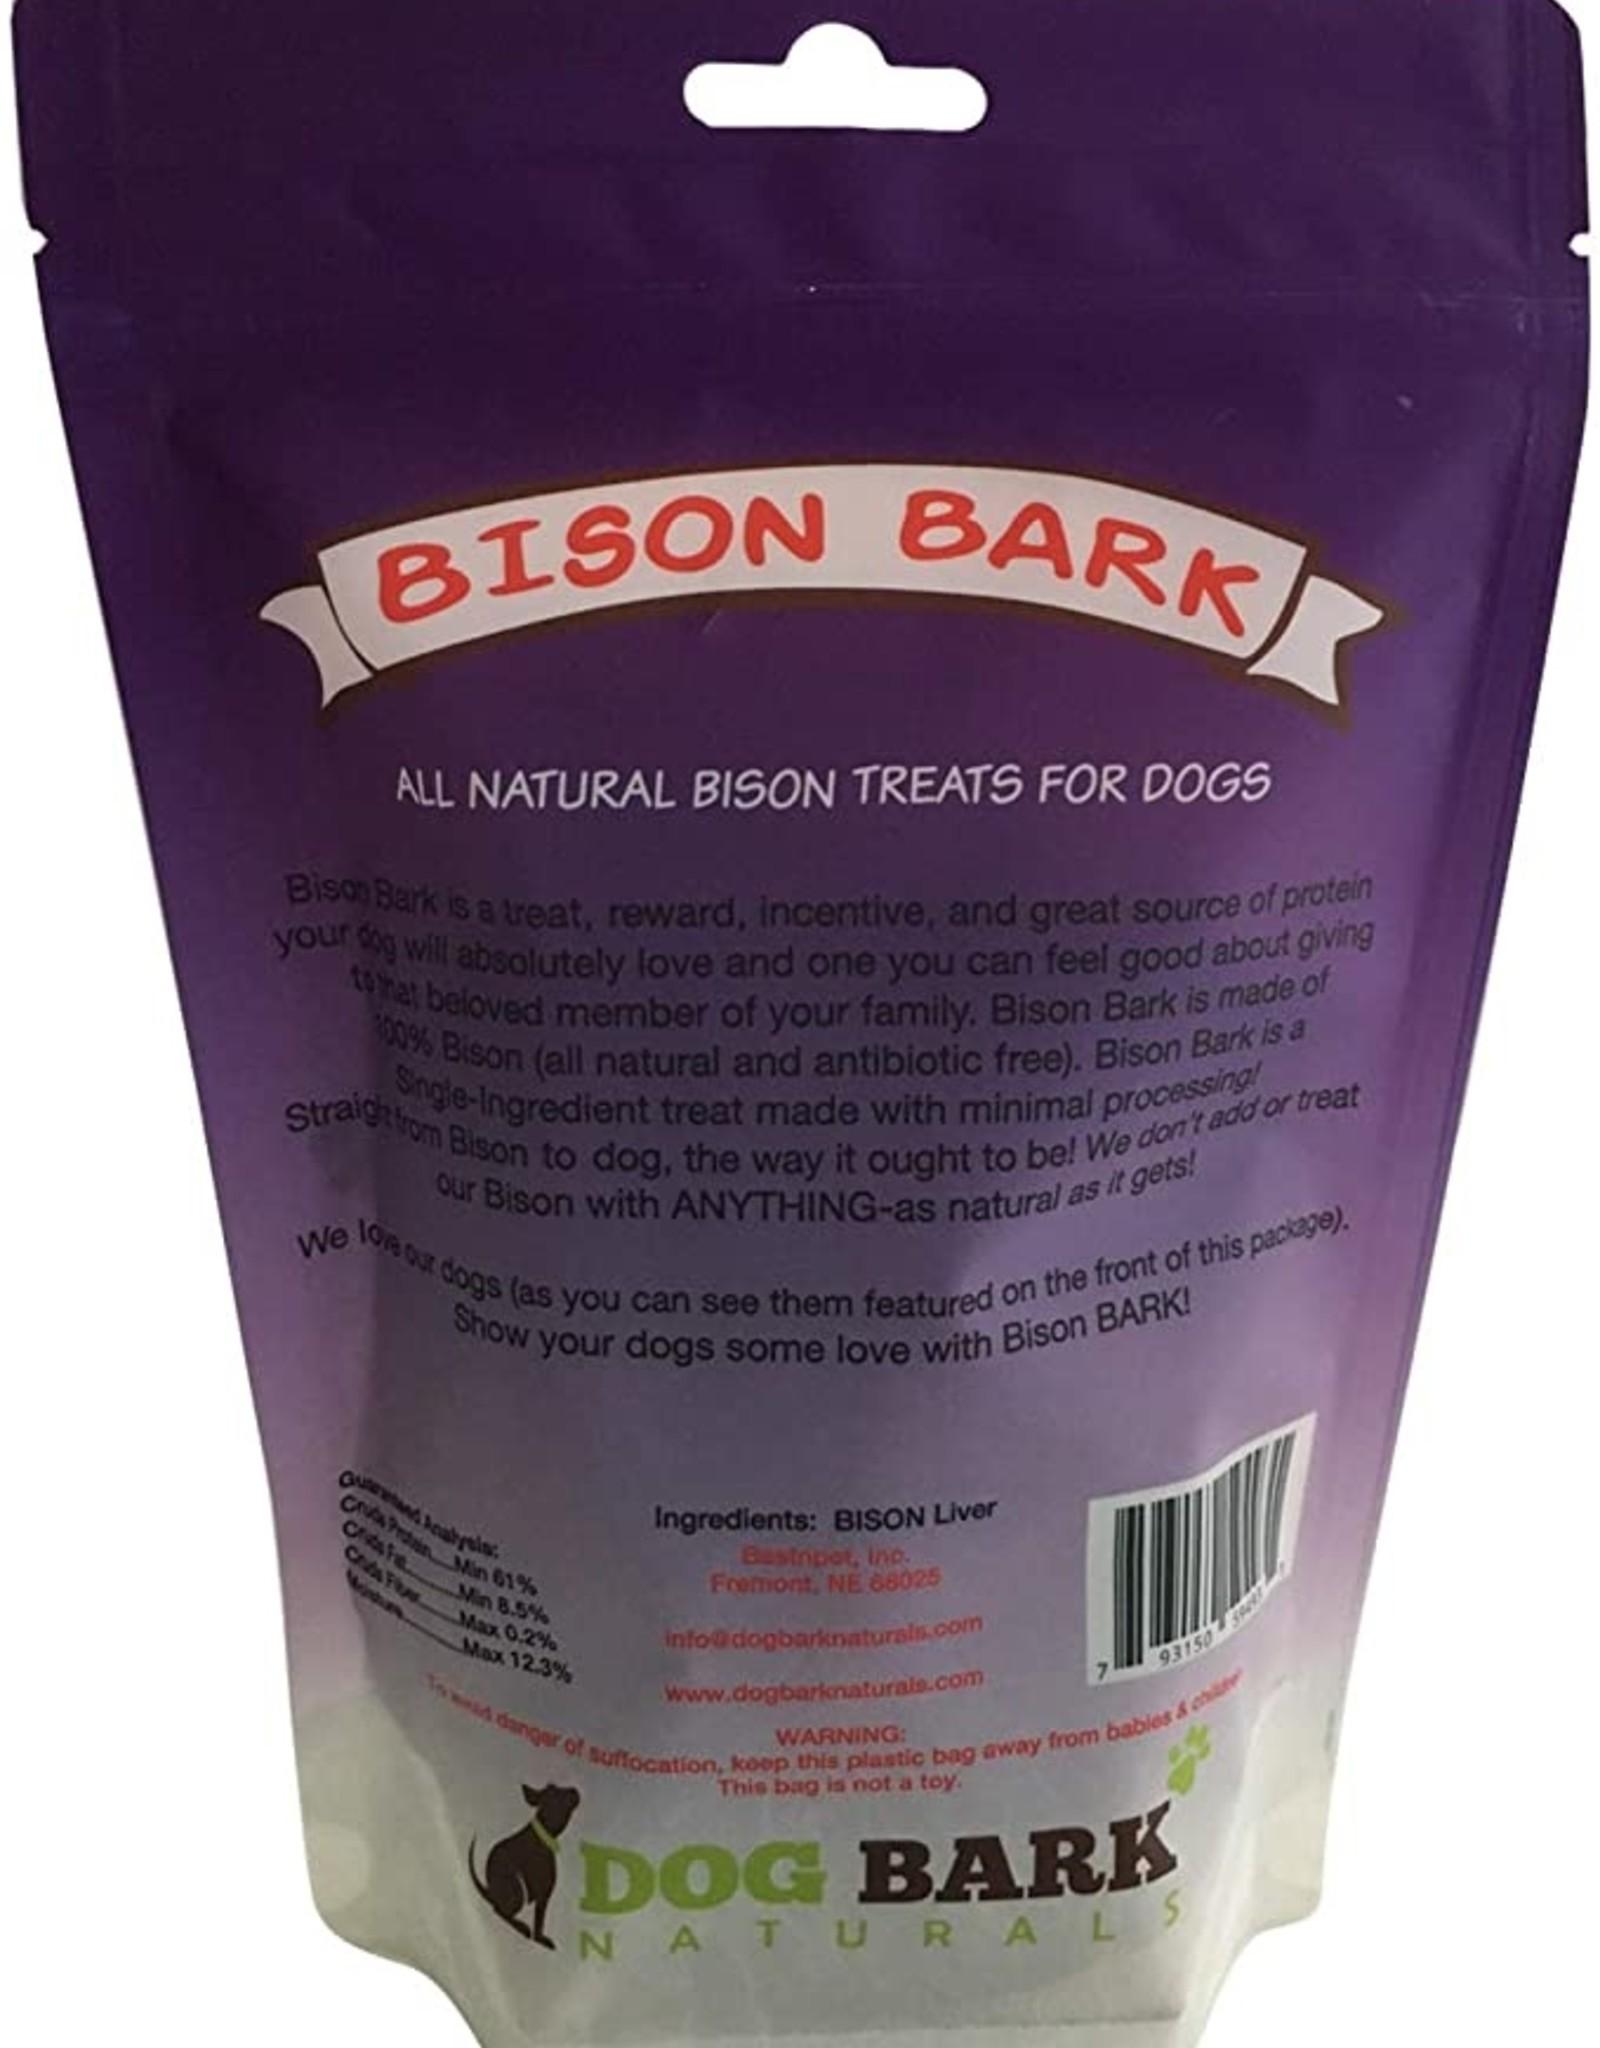 Dog Bark Naturals Bison Bark